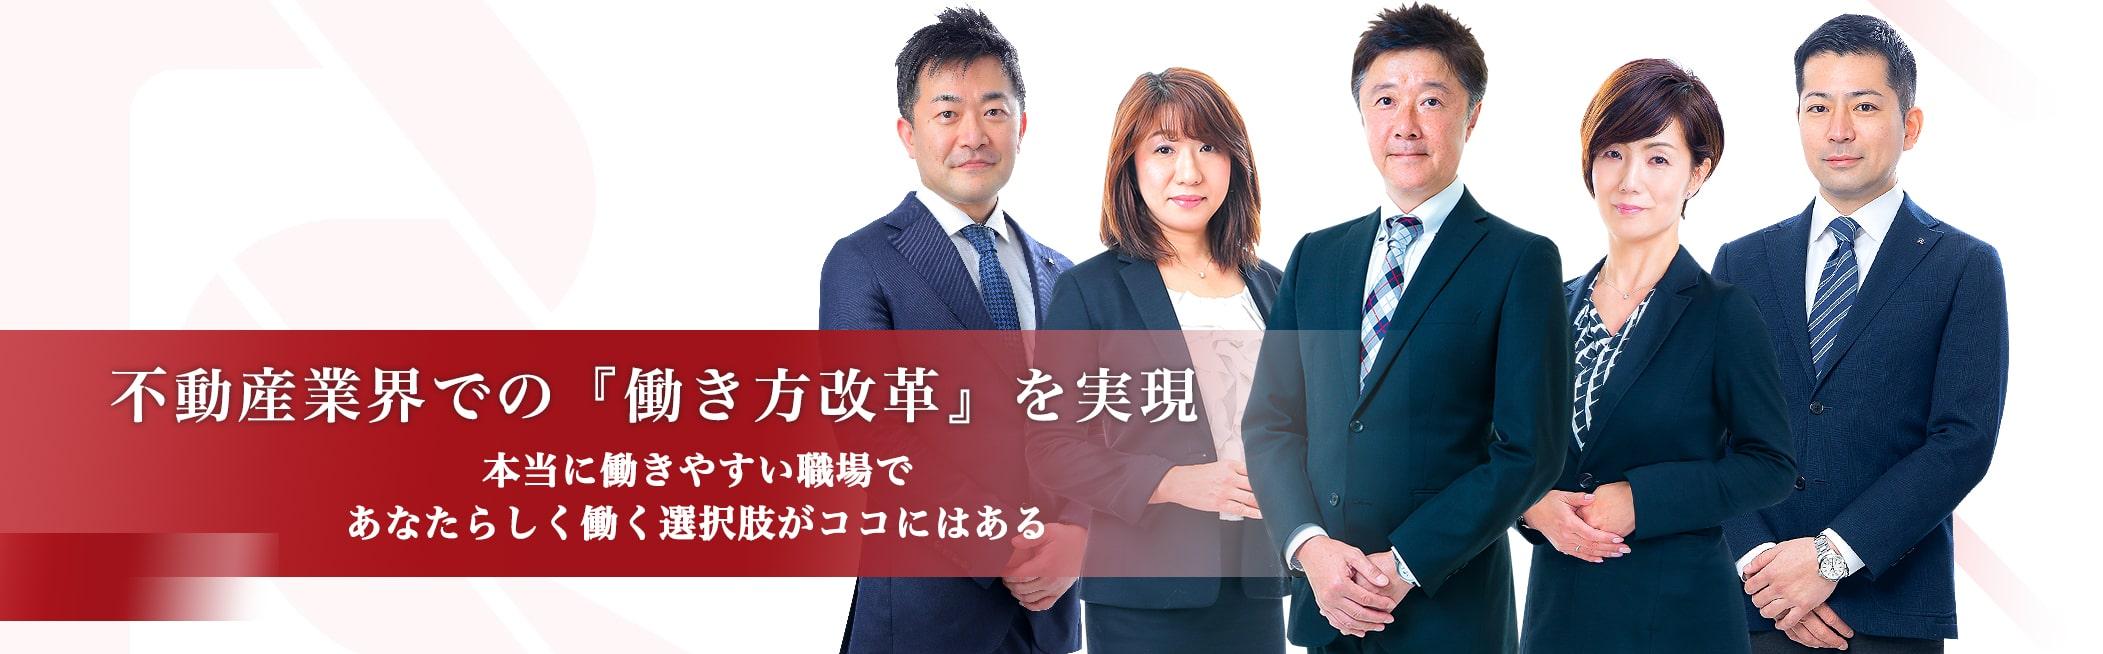 株式会社不動産流通システム REDS(レッズ) 【年齢不問・40歳台、50歳代も多く在籍】